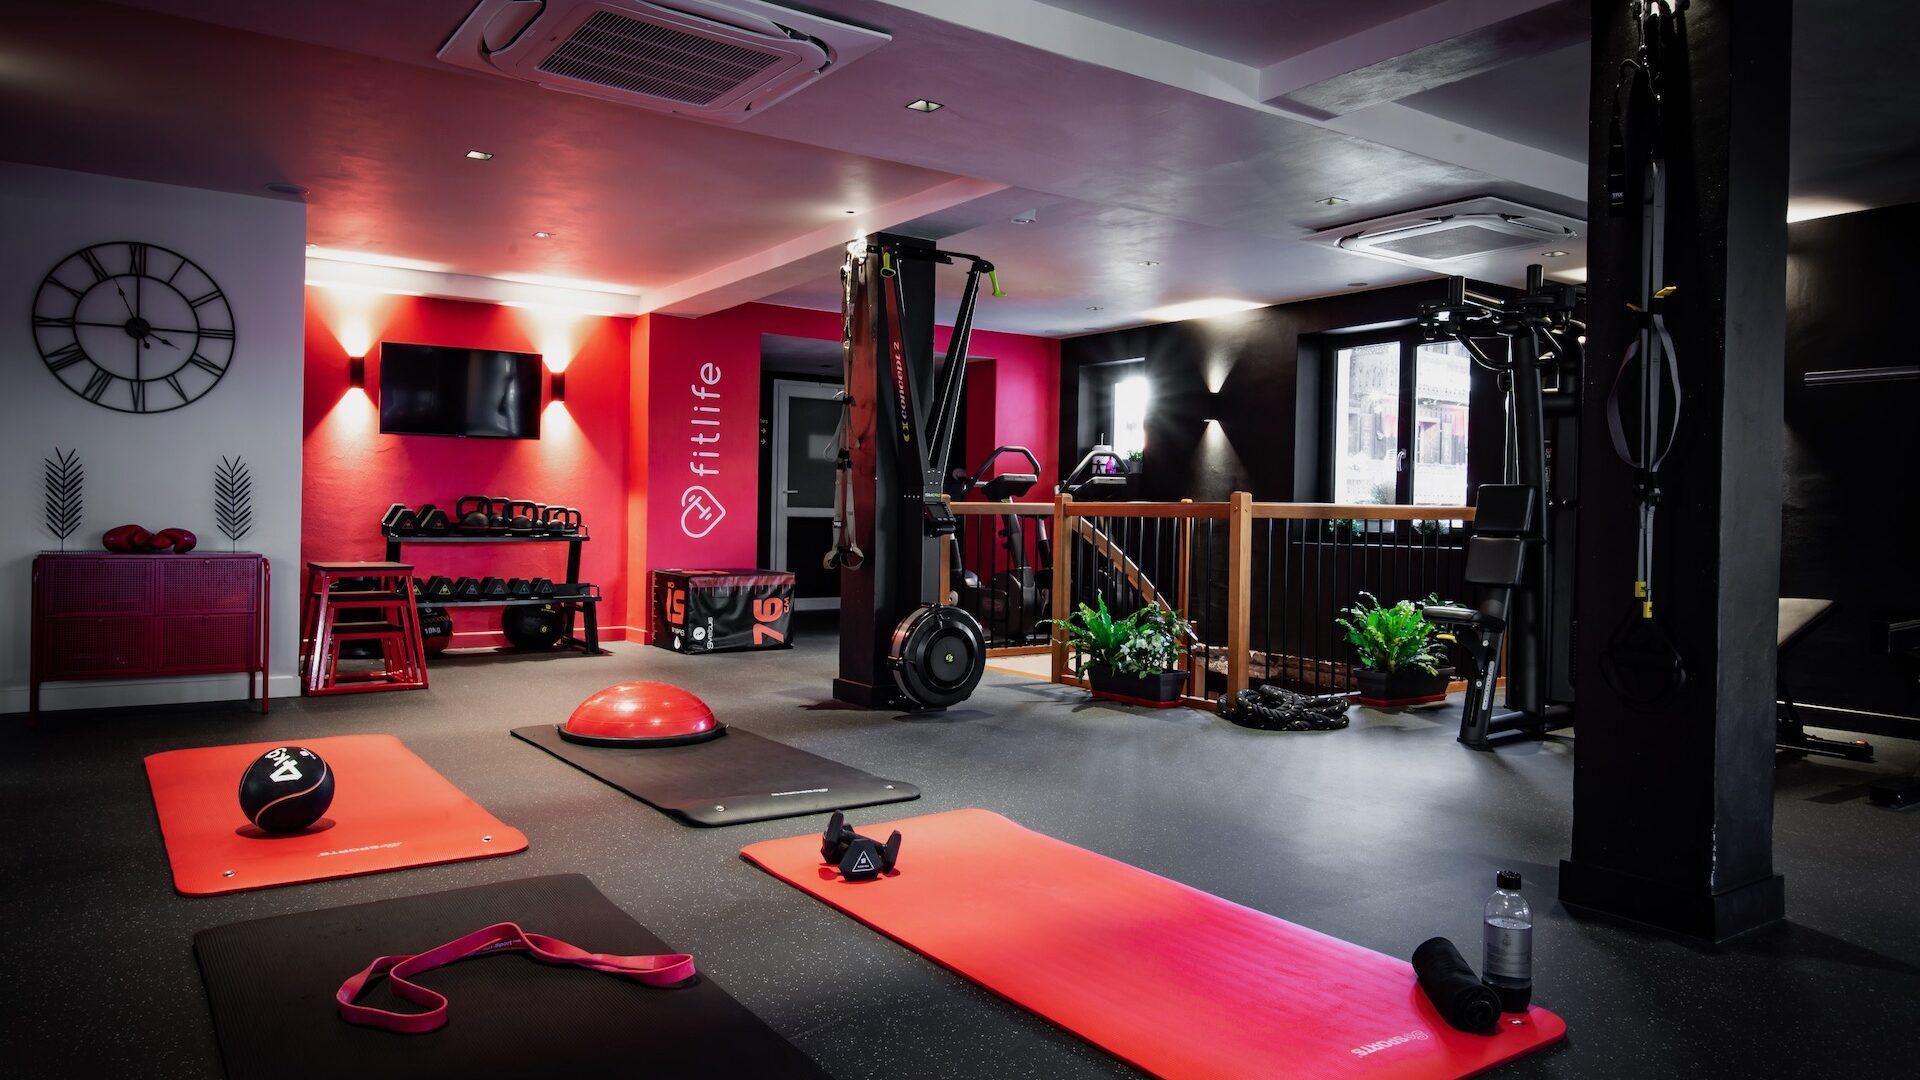 Salle de fitness et de musculation avec tapis et appareils